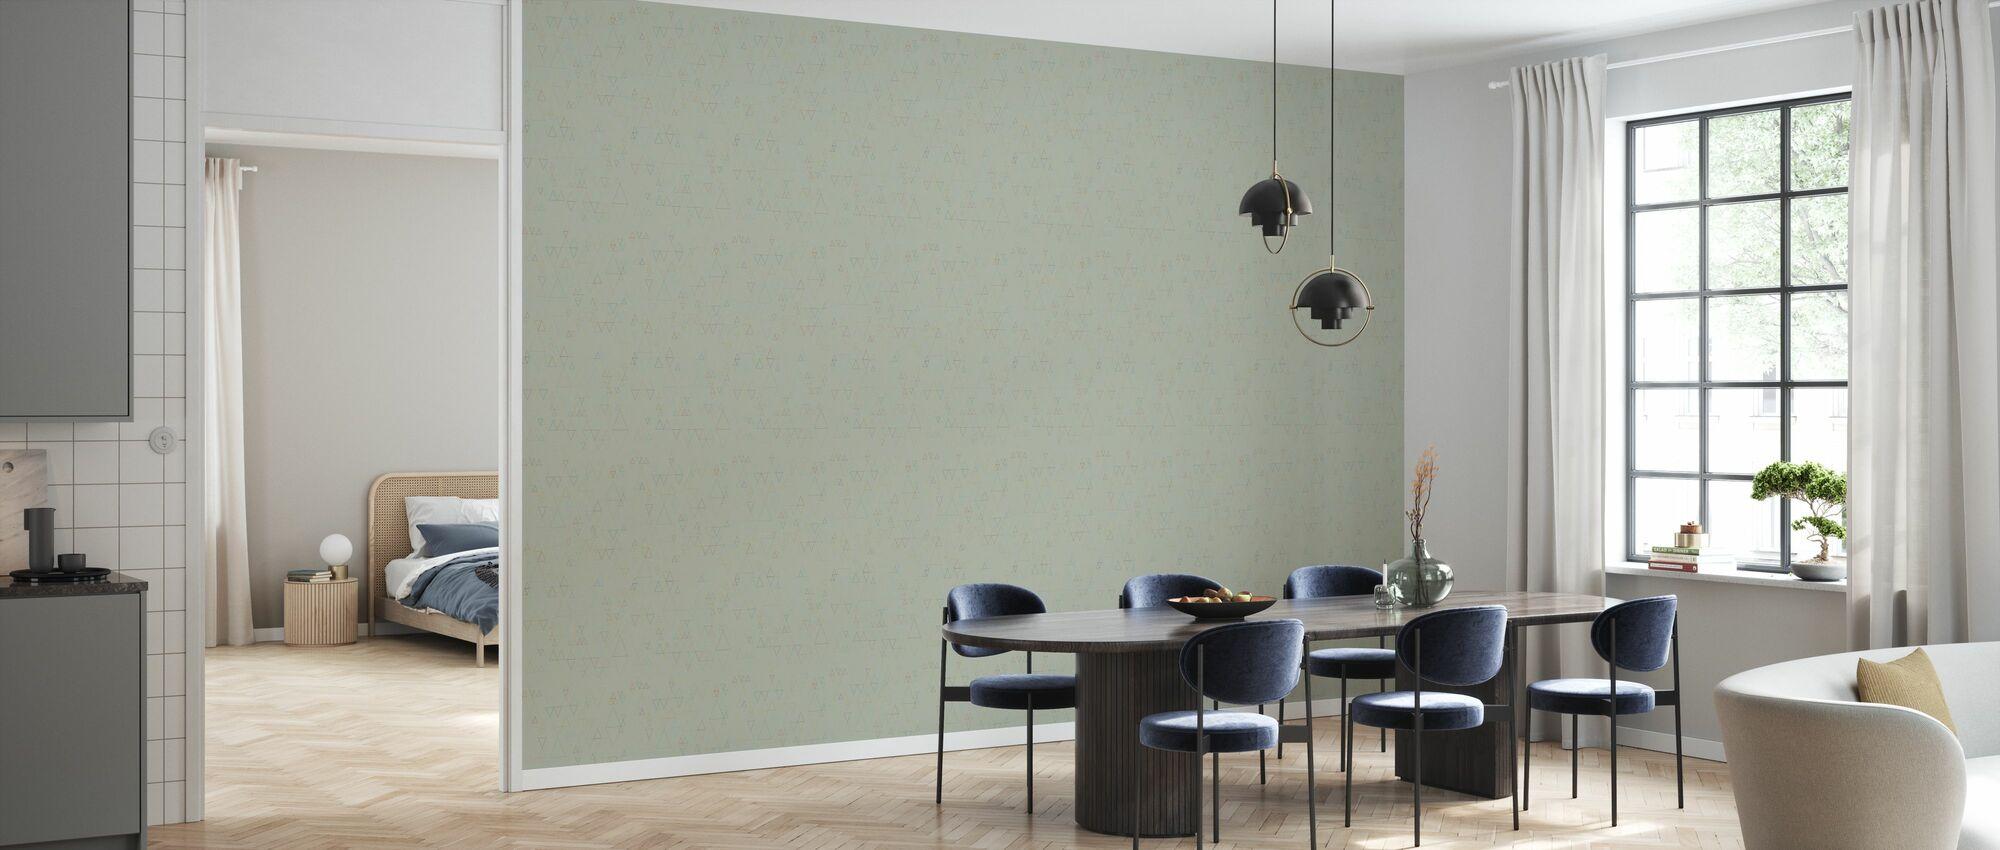 Retroline Grey - Wallpaper - Kitchen